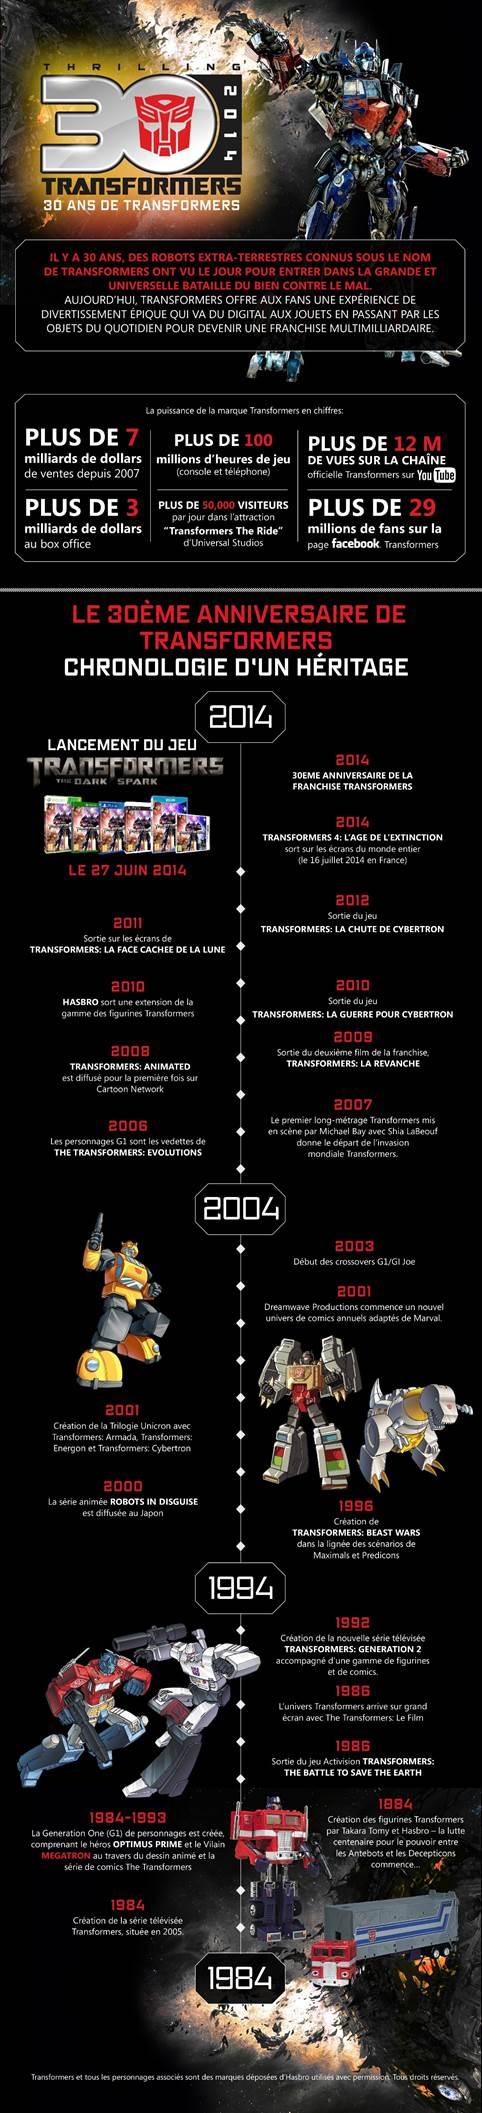 Chronologie des séries et films Transformers - Page 2 Transf13